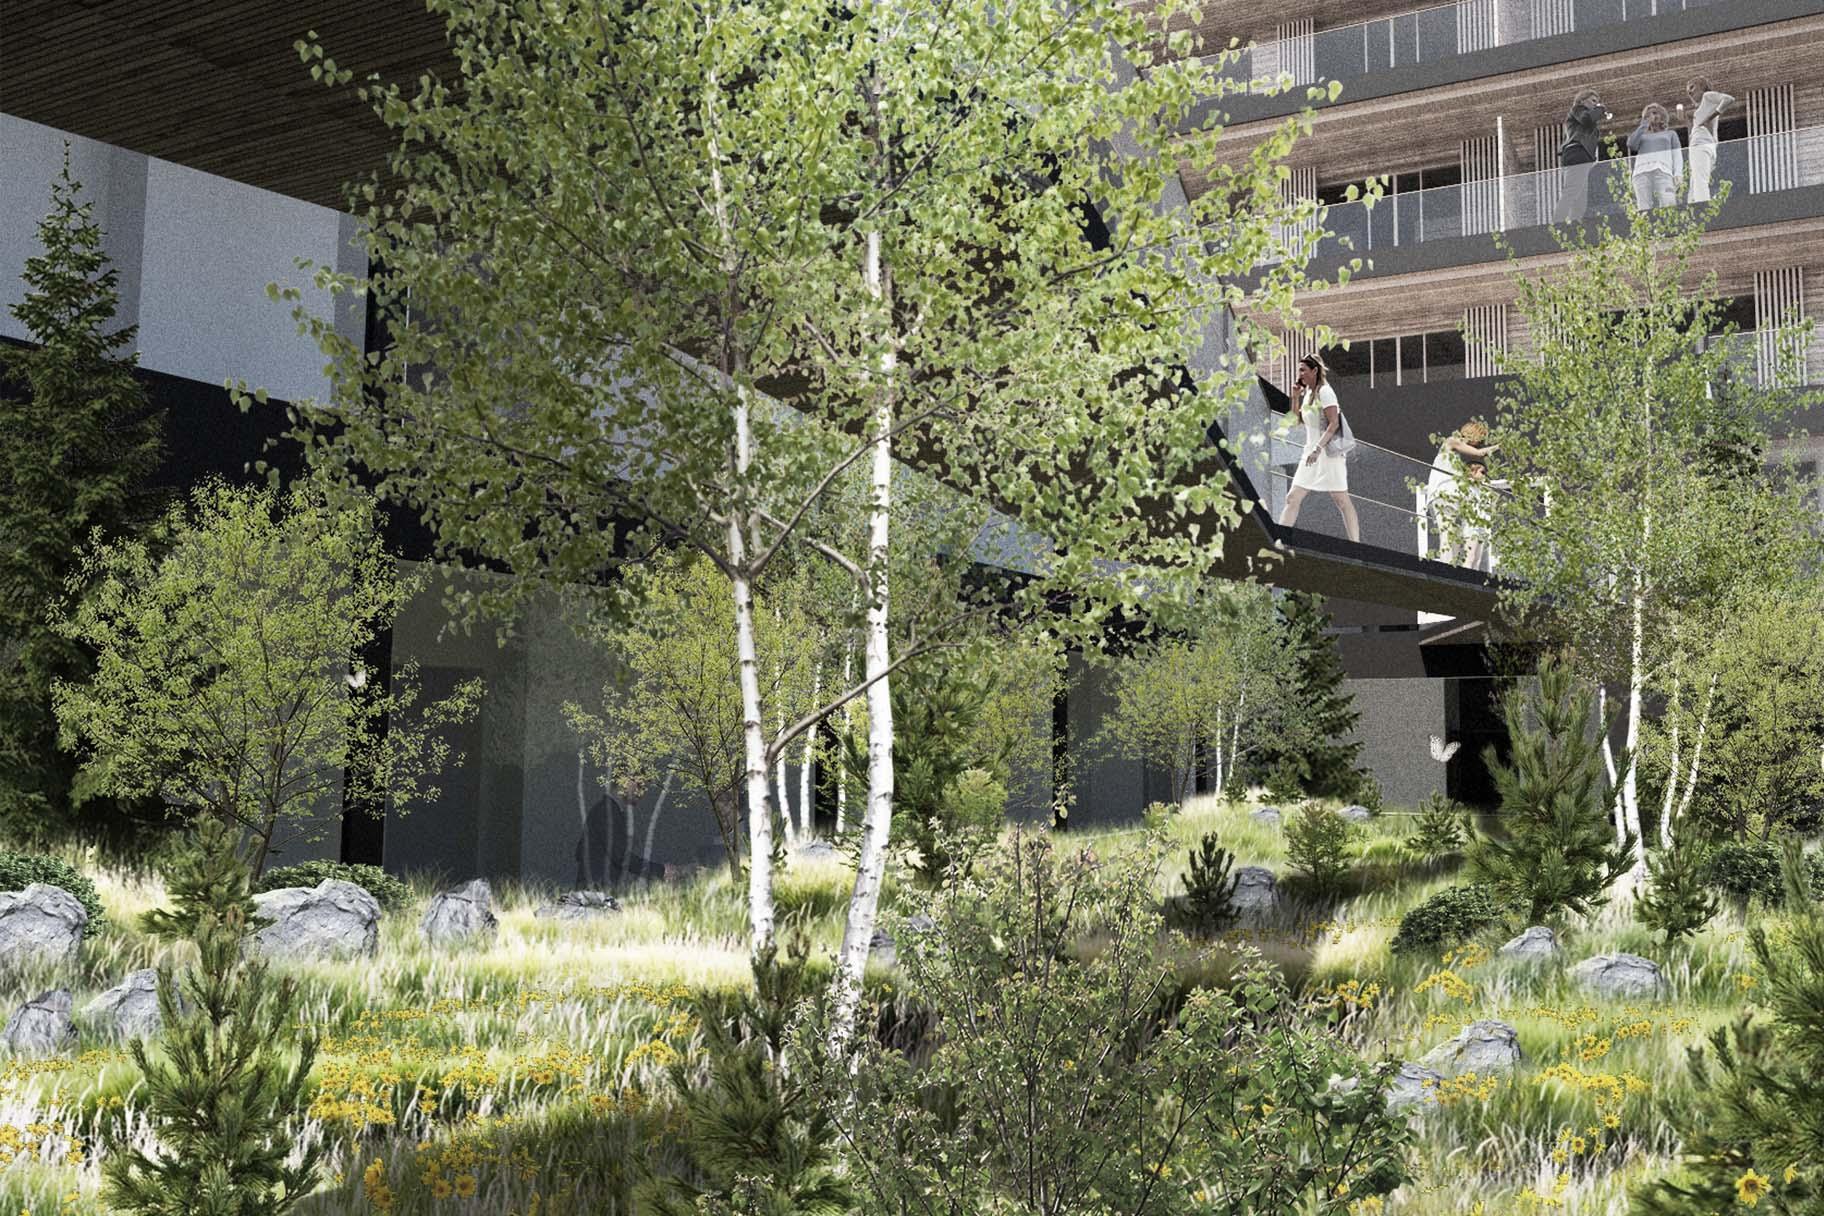 Projet d'aménagement paysager pour l'hotel Six Senses de Crans-Montana par VIMADE Architectes paysagistes, patio planté et passerelle.